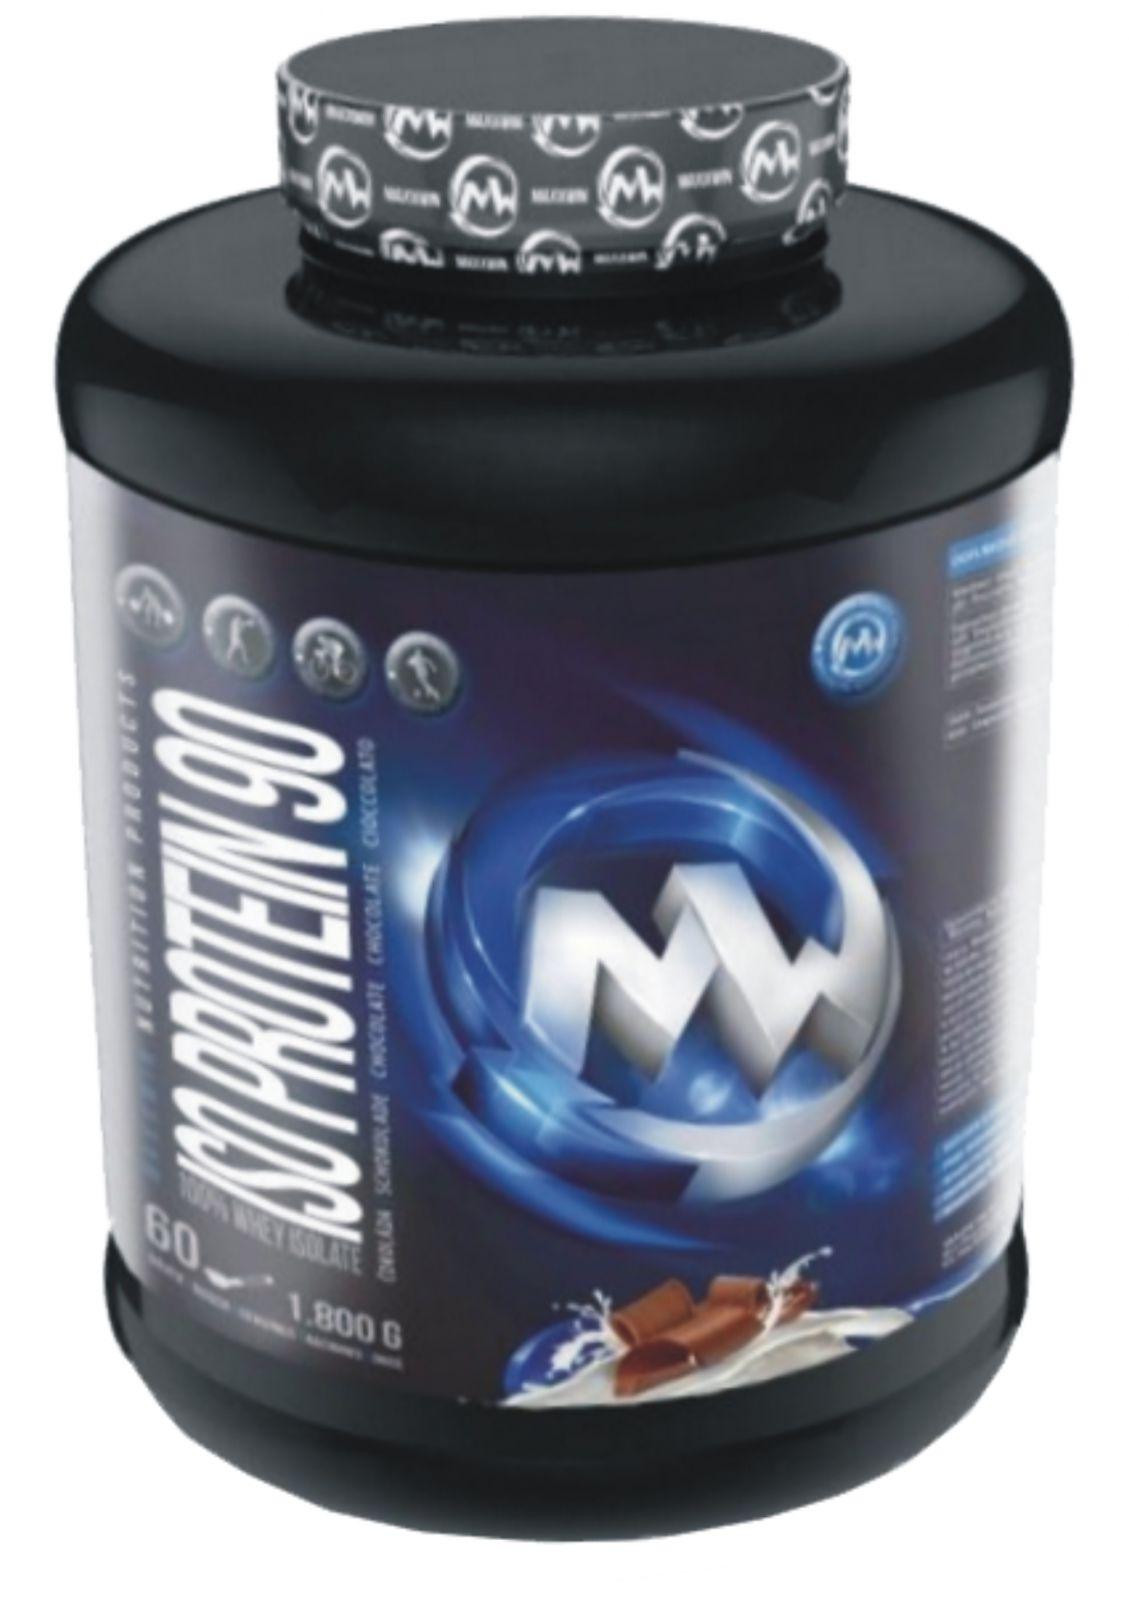 Maxxwin ISO Protein 90 - 1800 g